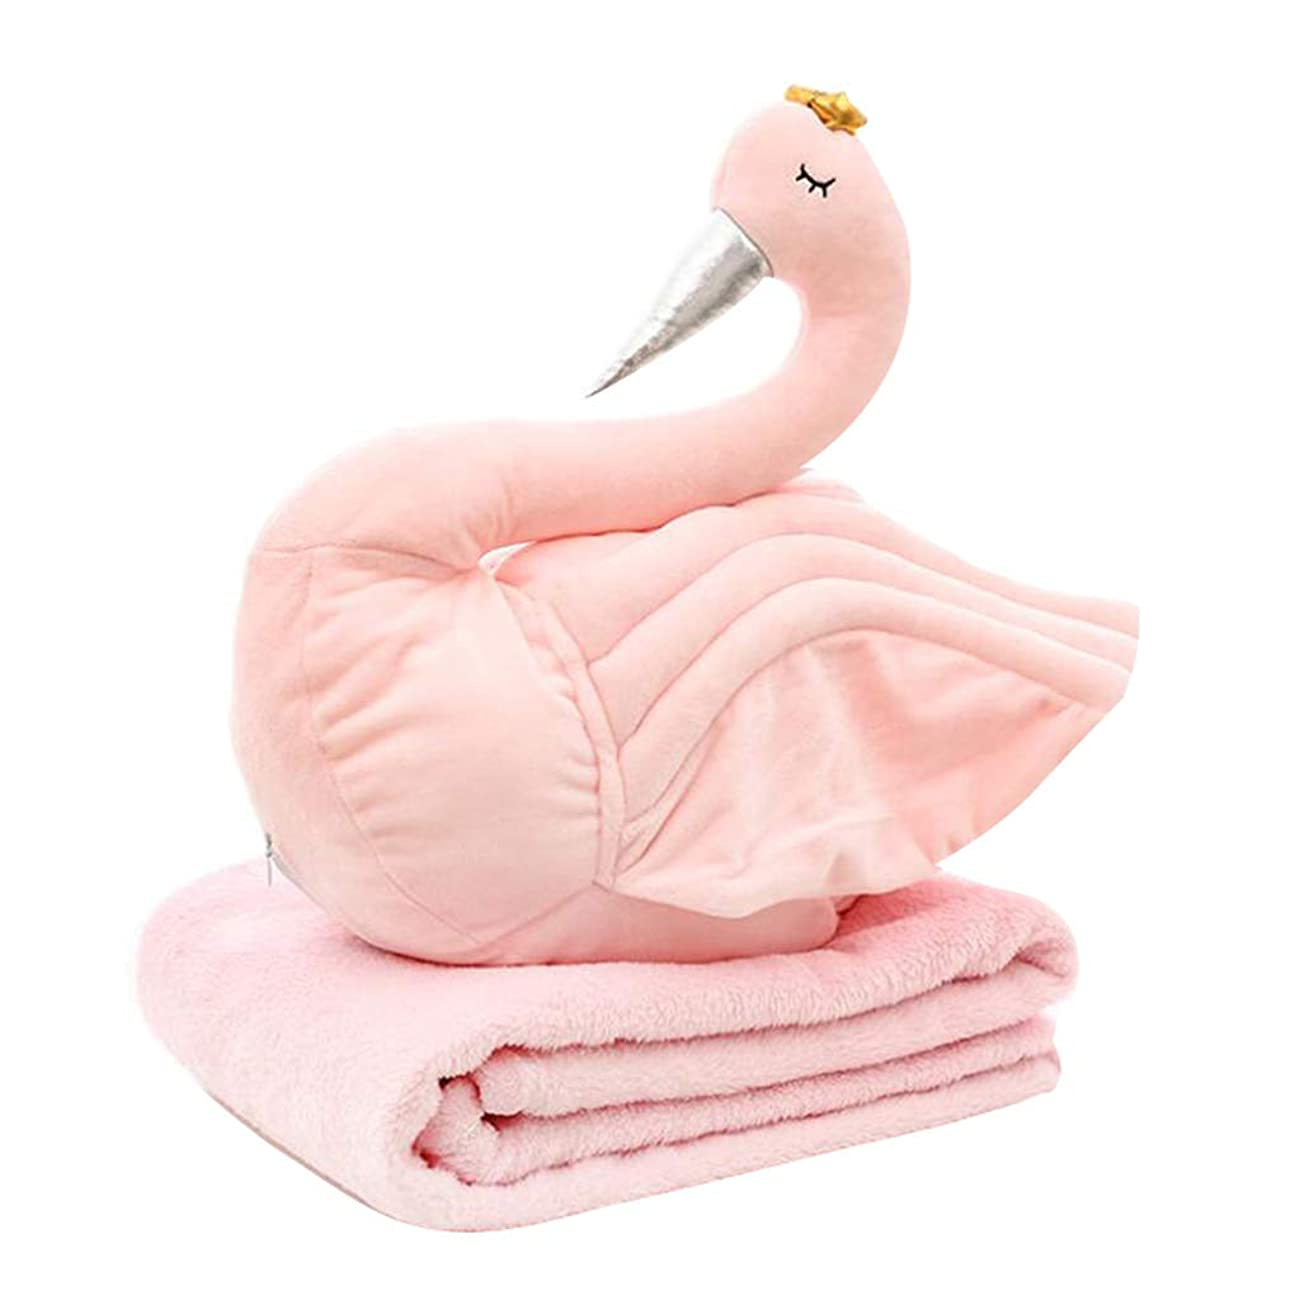 項目マンモスに応じてamleso クッション 携帯枕 ブランケット 毛布 ぬいぐるみ 白鳥の形 旅行 オフィス 50 x 50 cm - ピンク